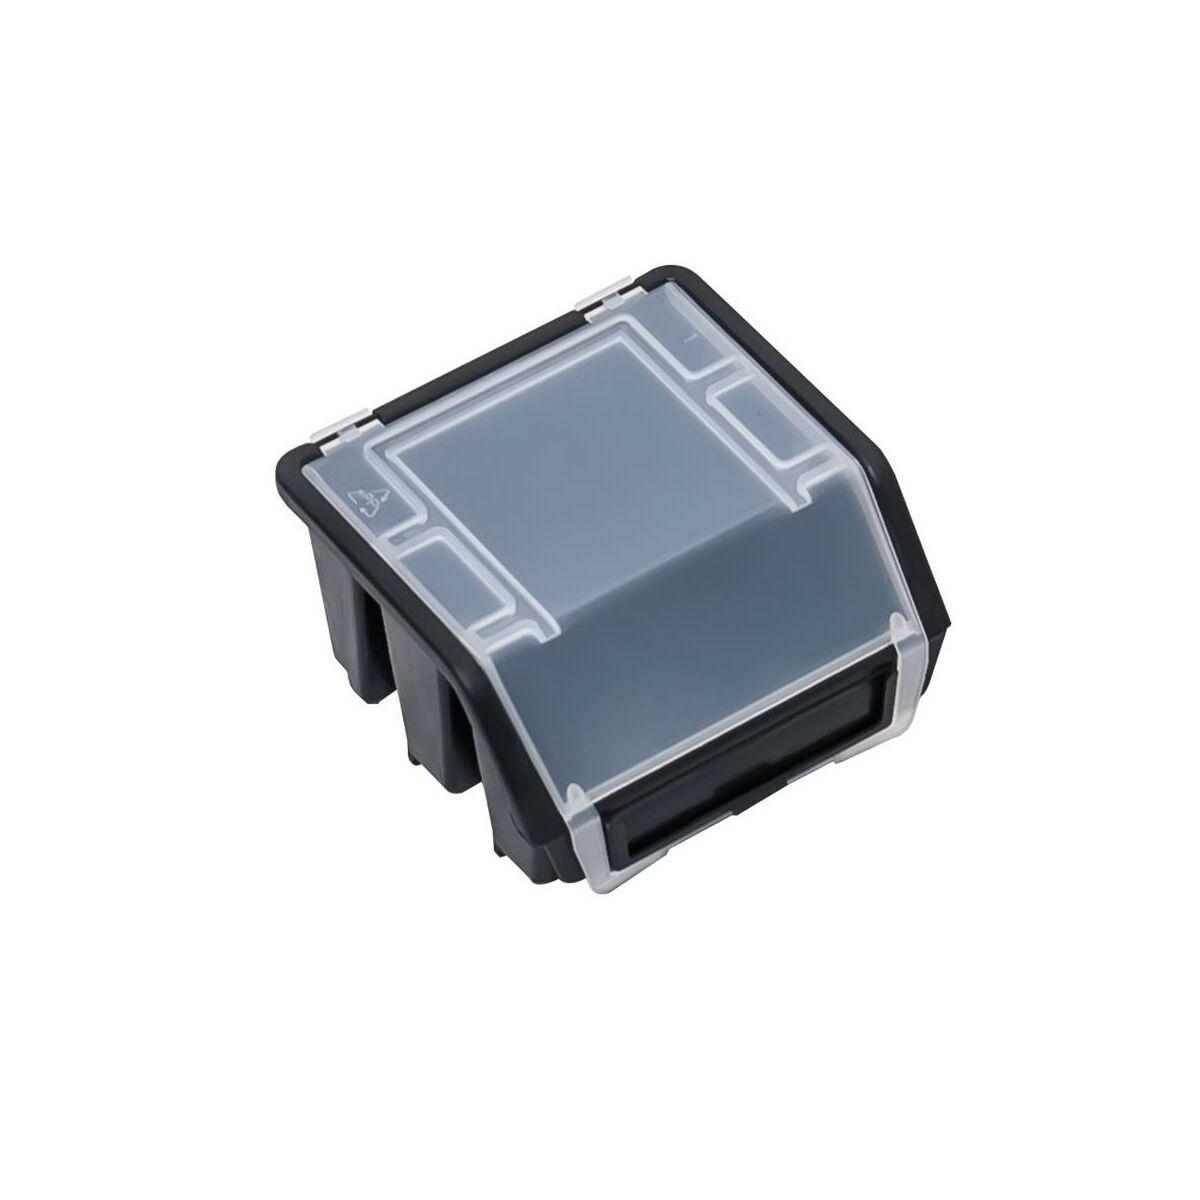 Pojemnik Magazynowy Ergobox 1 Plus Patrol Organizery Przenosne W Atrakcyjnej Cenie W Sklepach Leroy Merlin